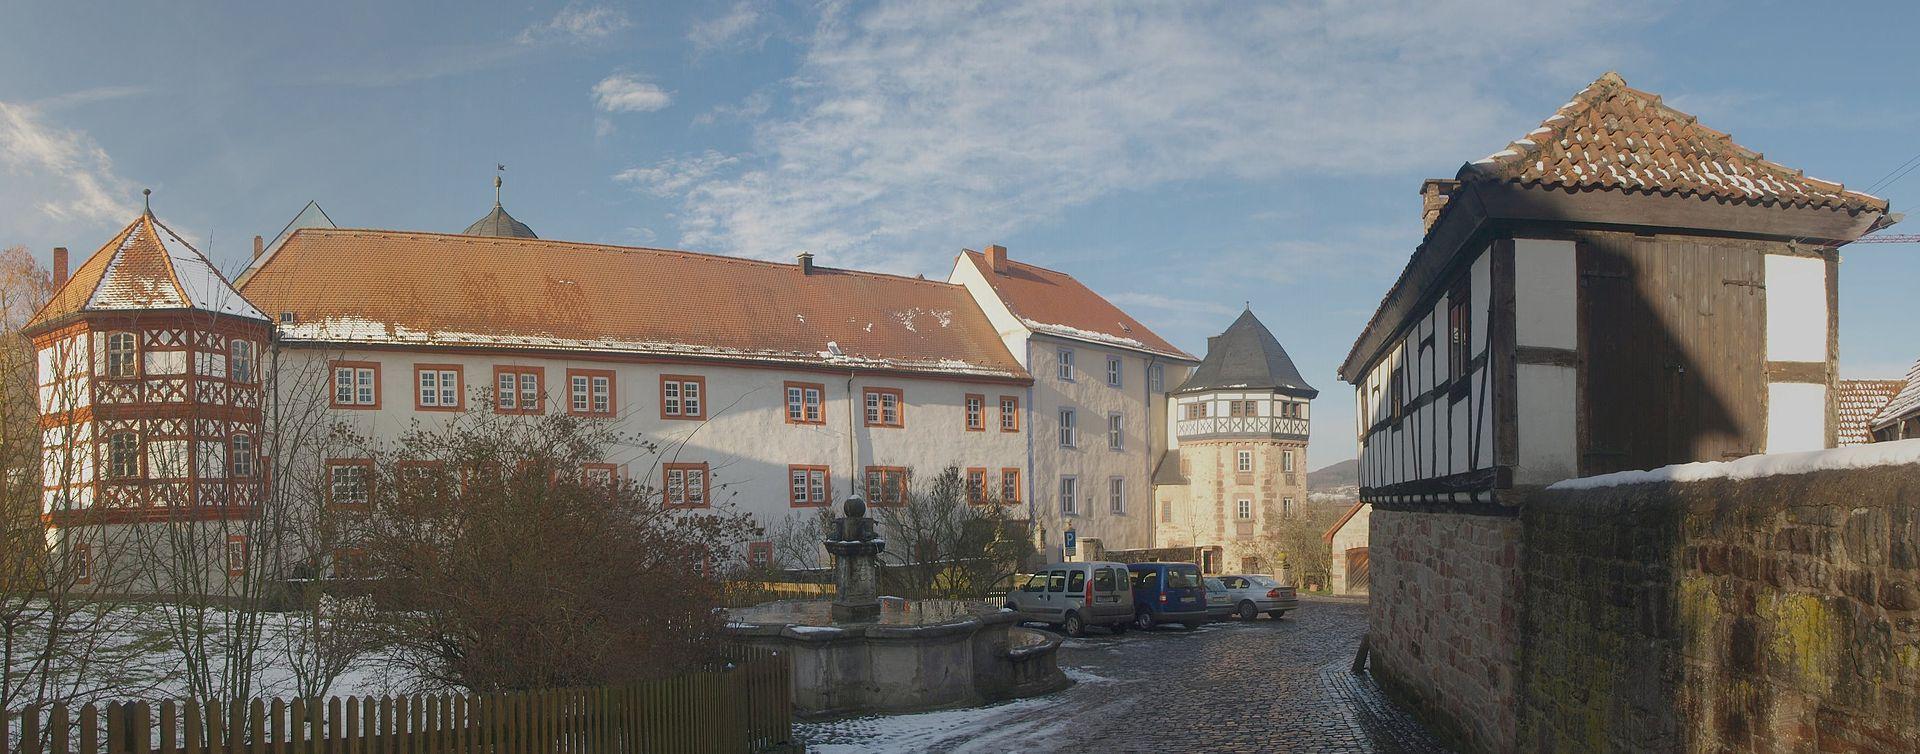 Bild Schloss Tann